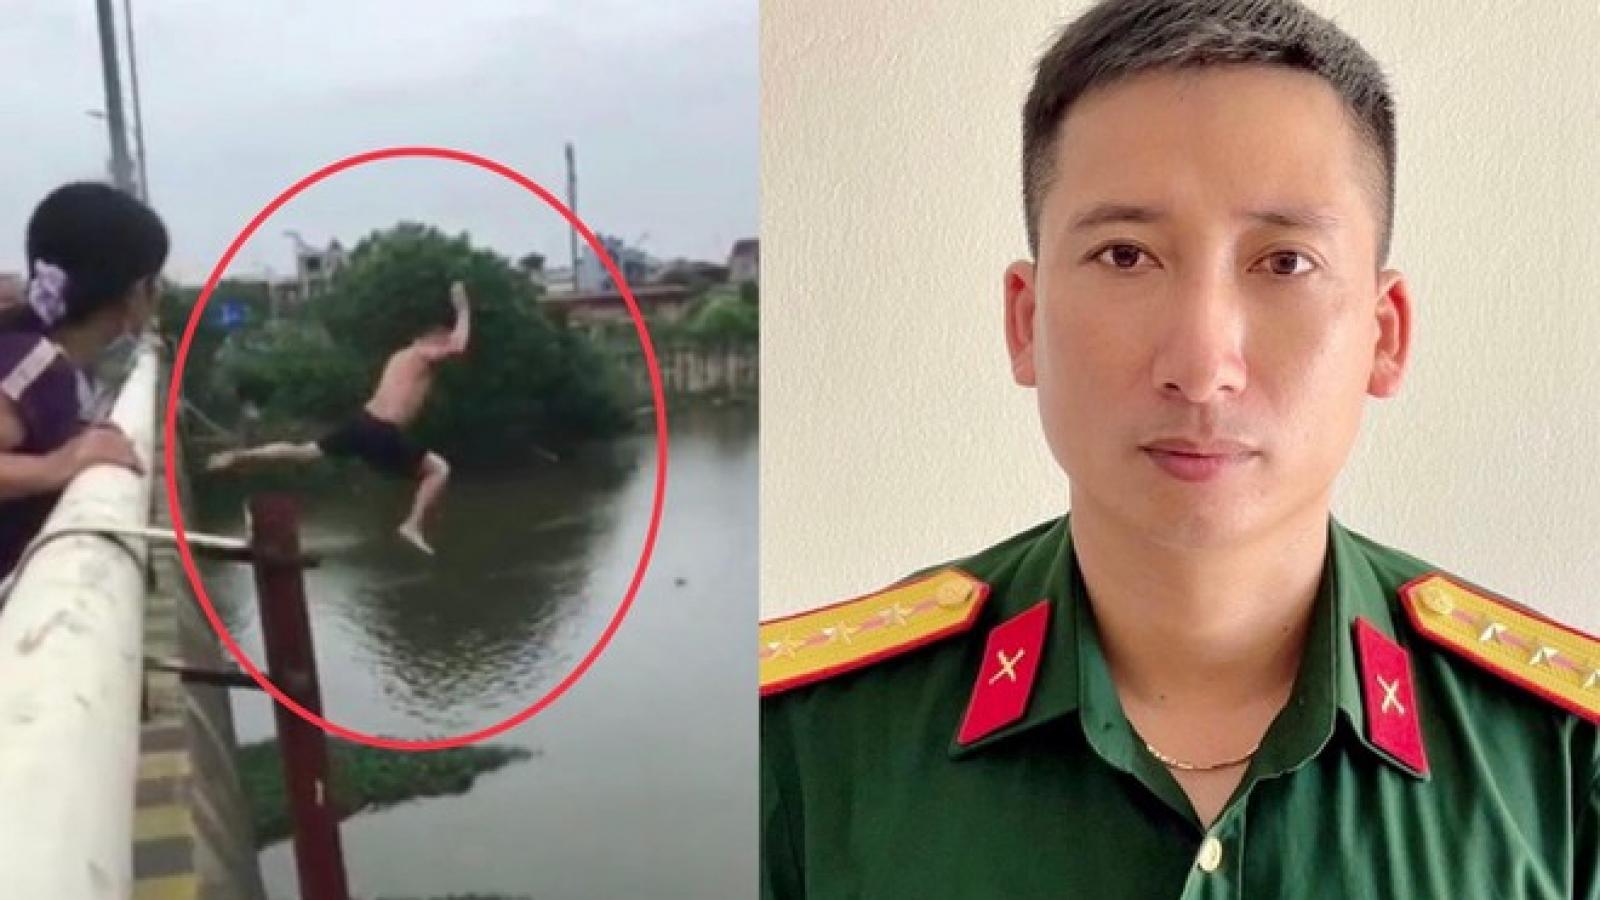 Bộ trưởng Phan Văn Giang gửi thư khen Thượng úy Quân nhân chuyên nghiệp Ngô Văn Thứ